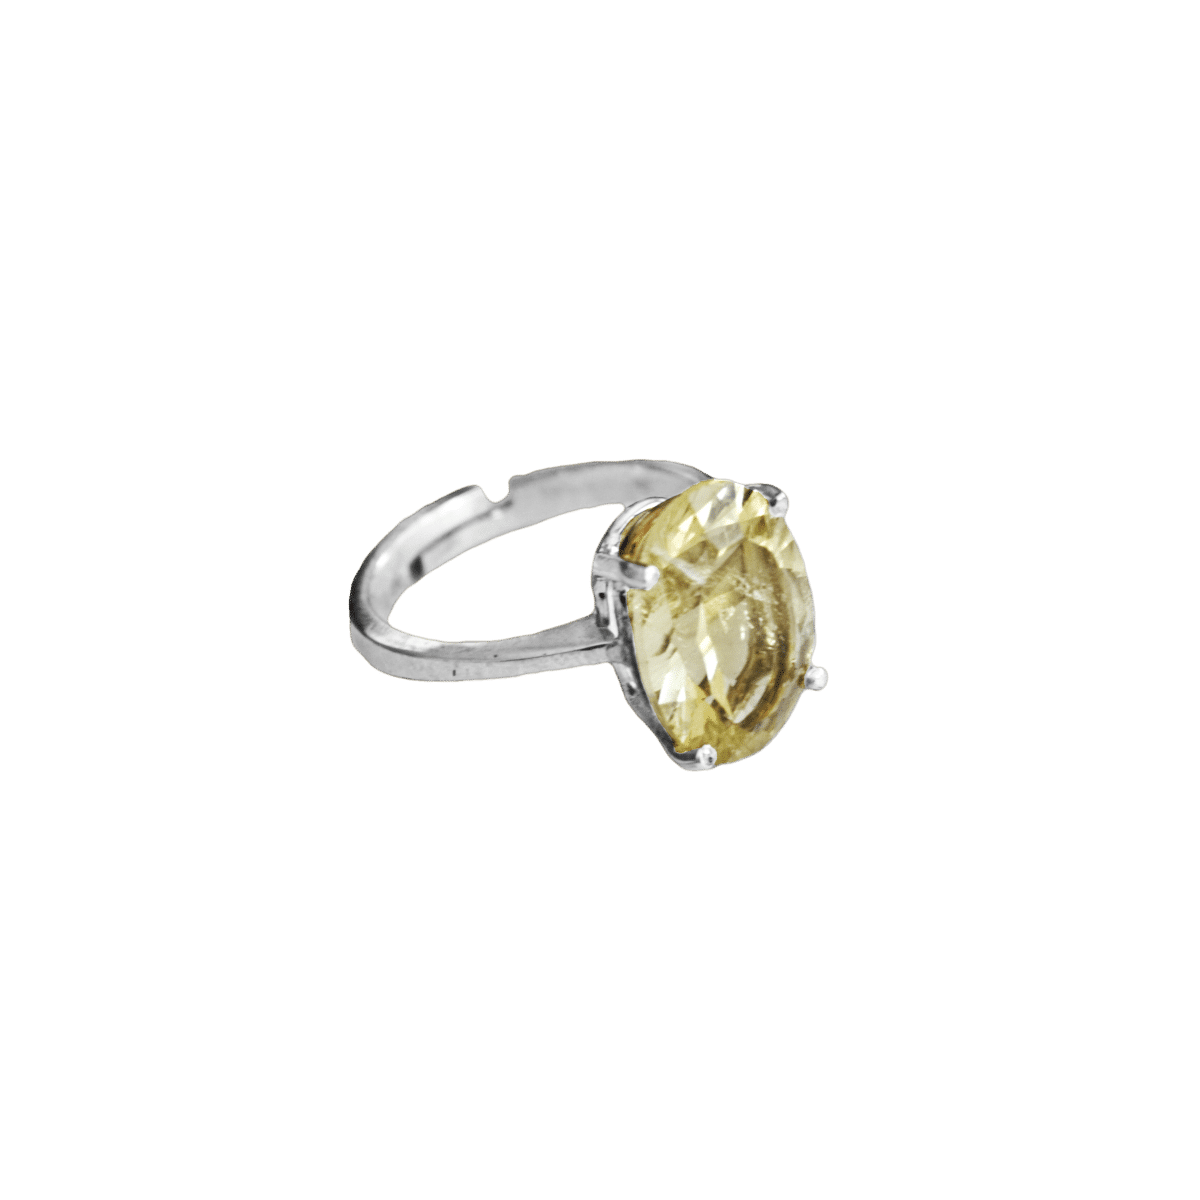 anillo plata citrino oval solitario 1